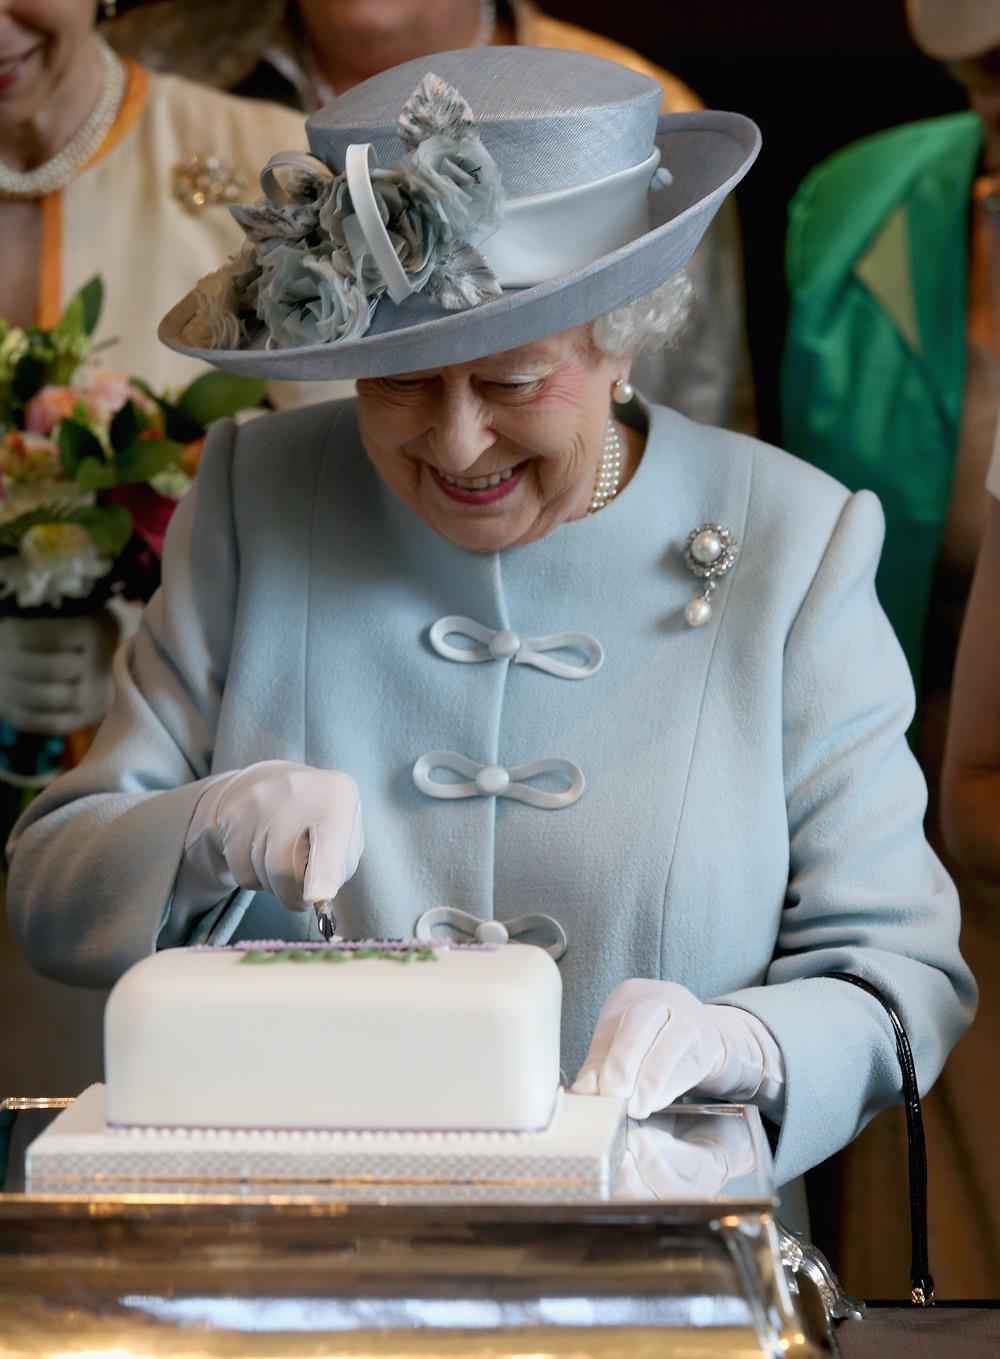 Tilos a fokhagyma, de csokis sütiből soha nem elég - titkok II. Erzsébet konyhájából